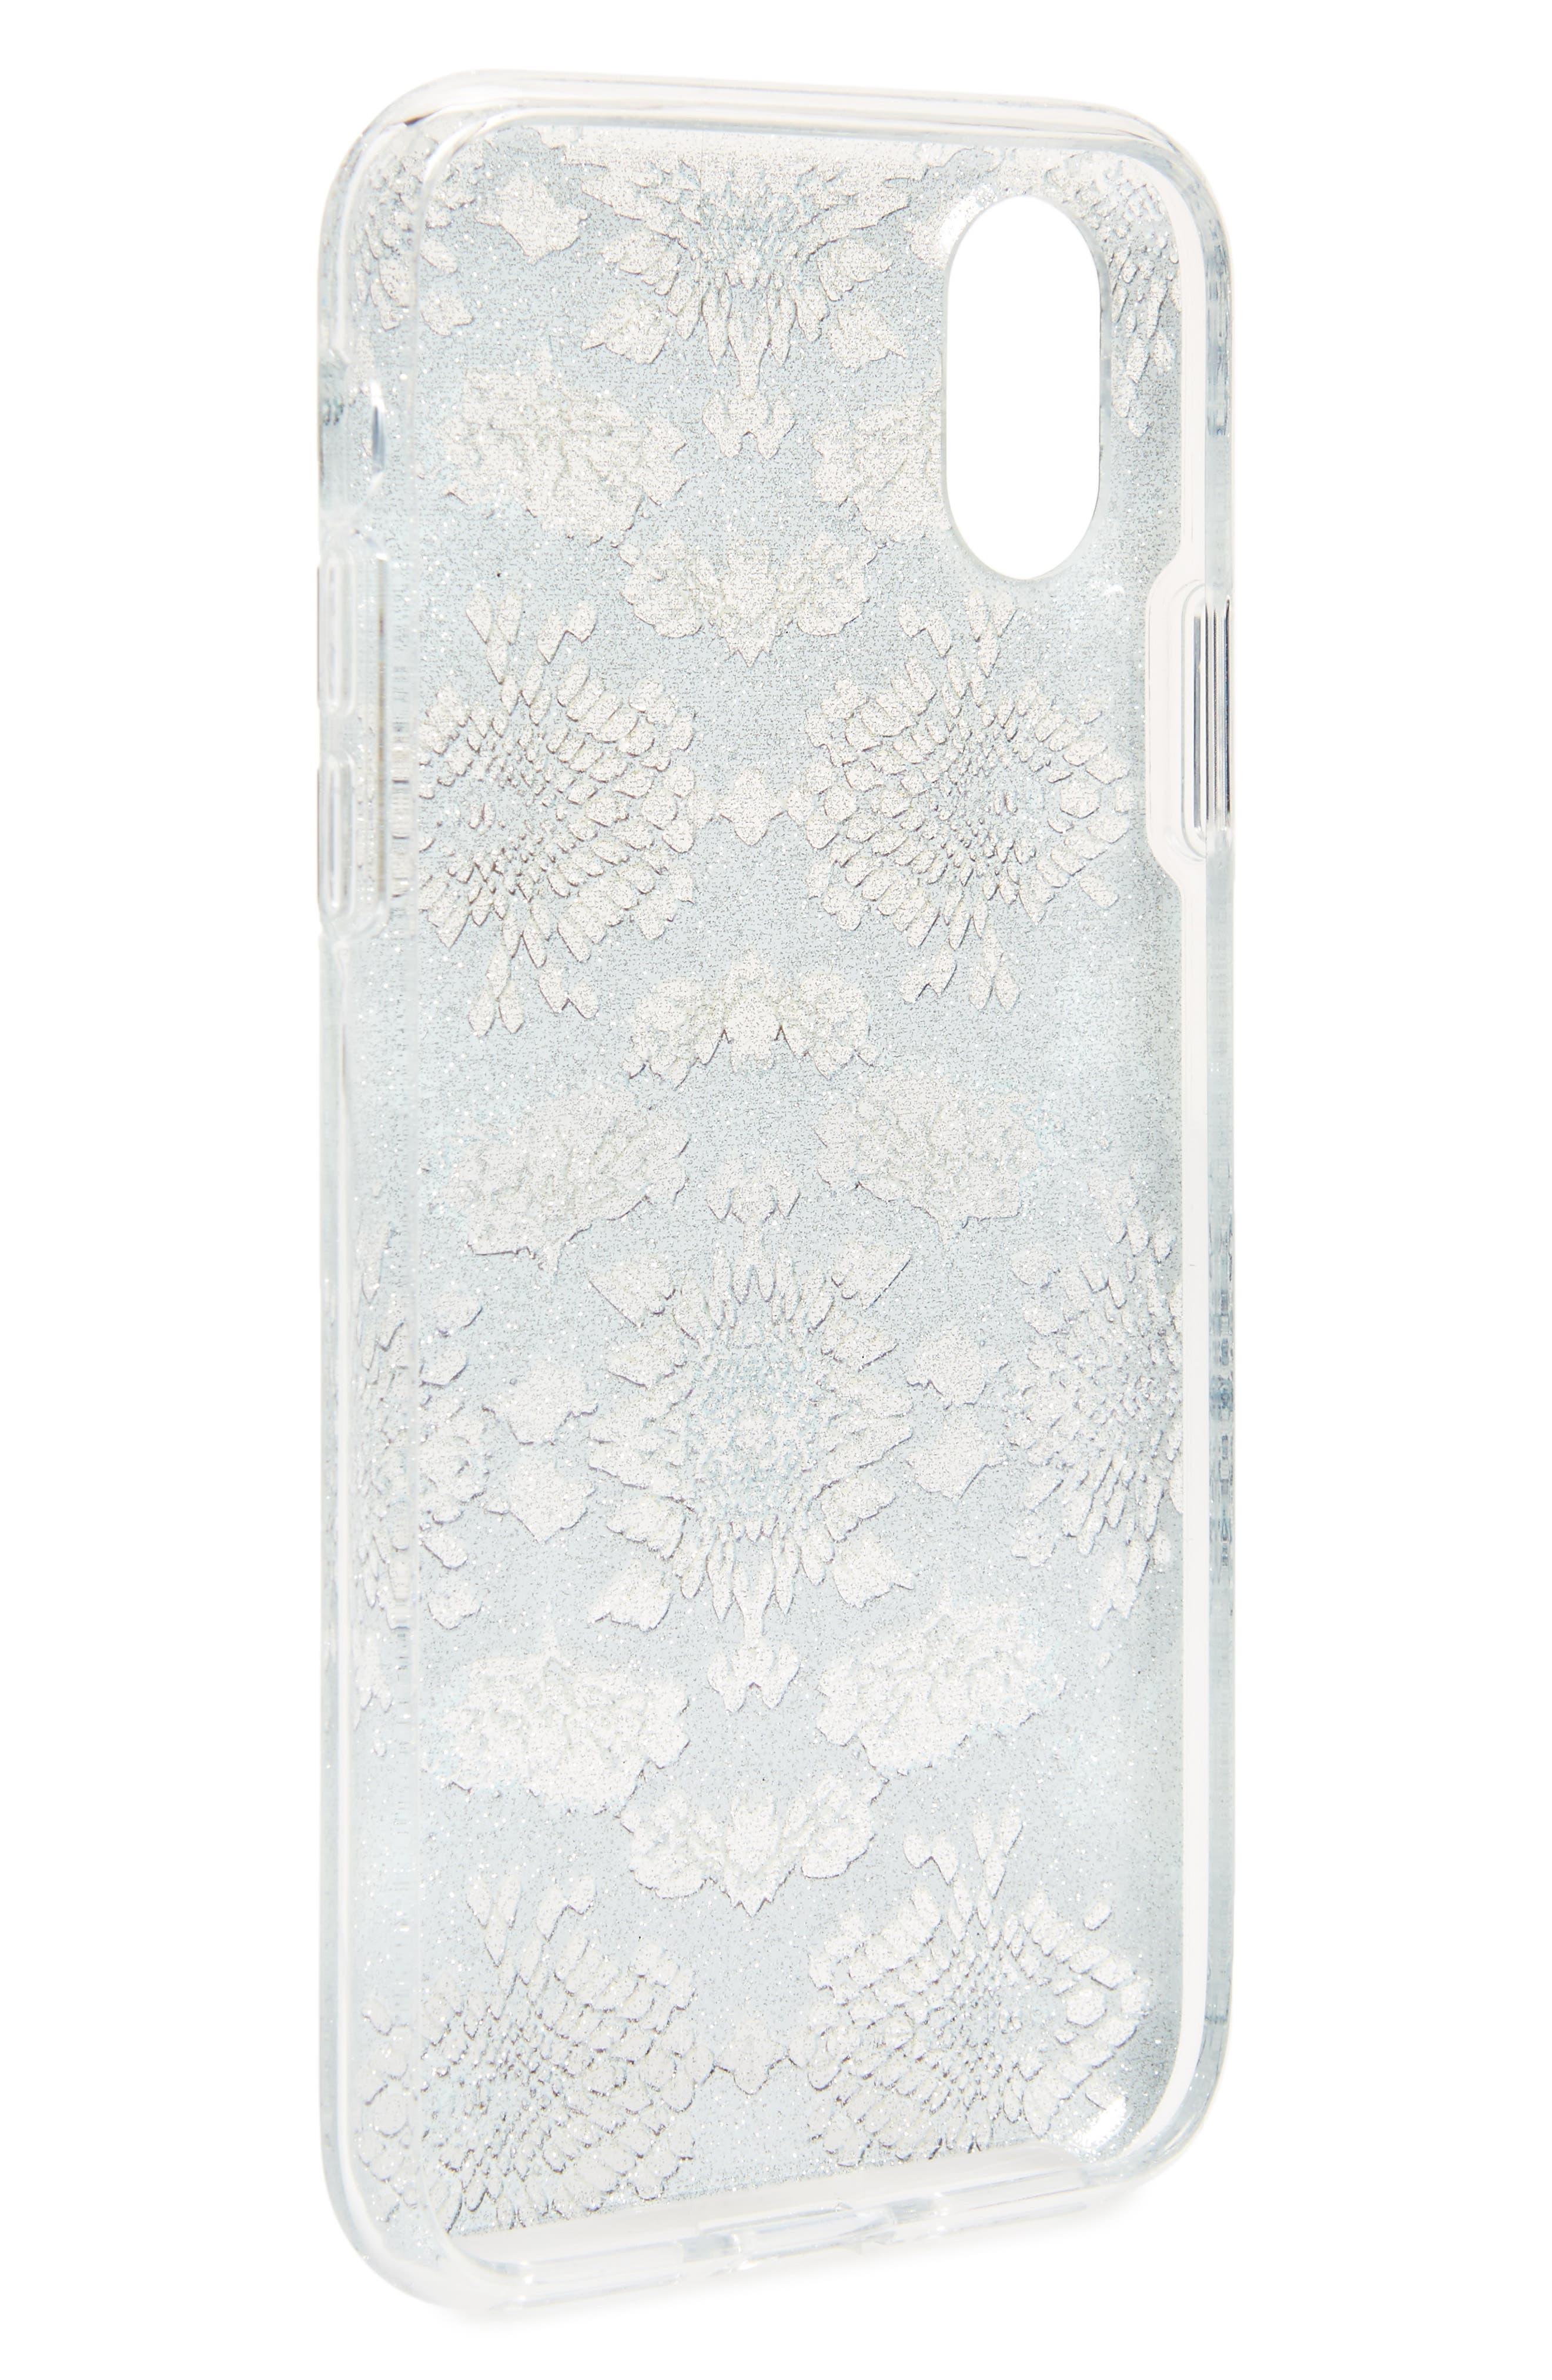 Glitter Snake Print iPhone X Case,                             Alternate thumbnail 2, color,                             Multi Glitter